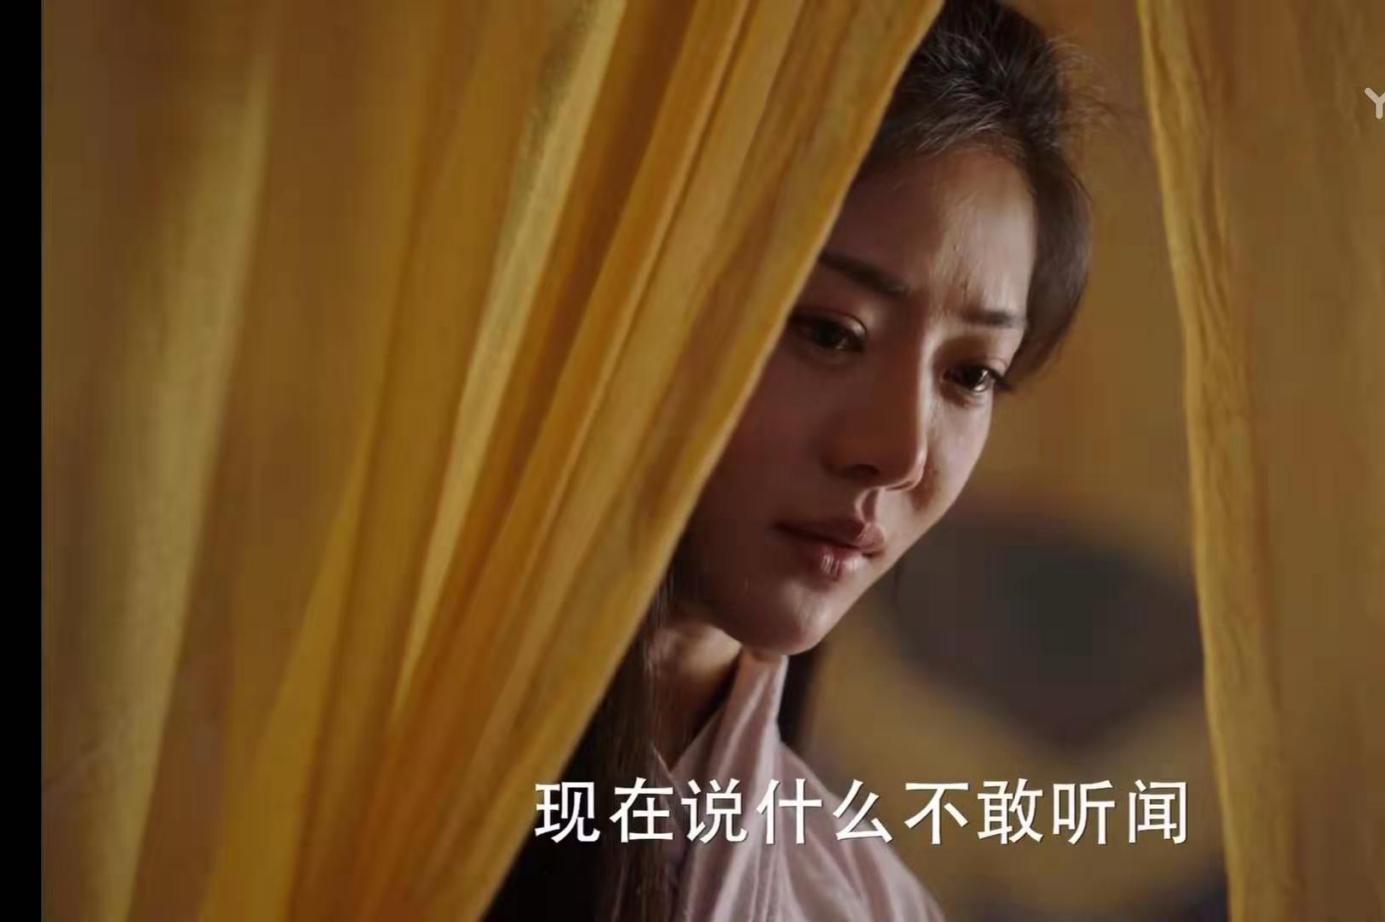 《借种》:发生在小村庄的荒唐风流事_青青岛社区